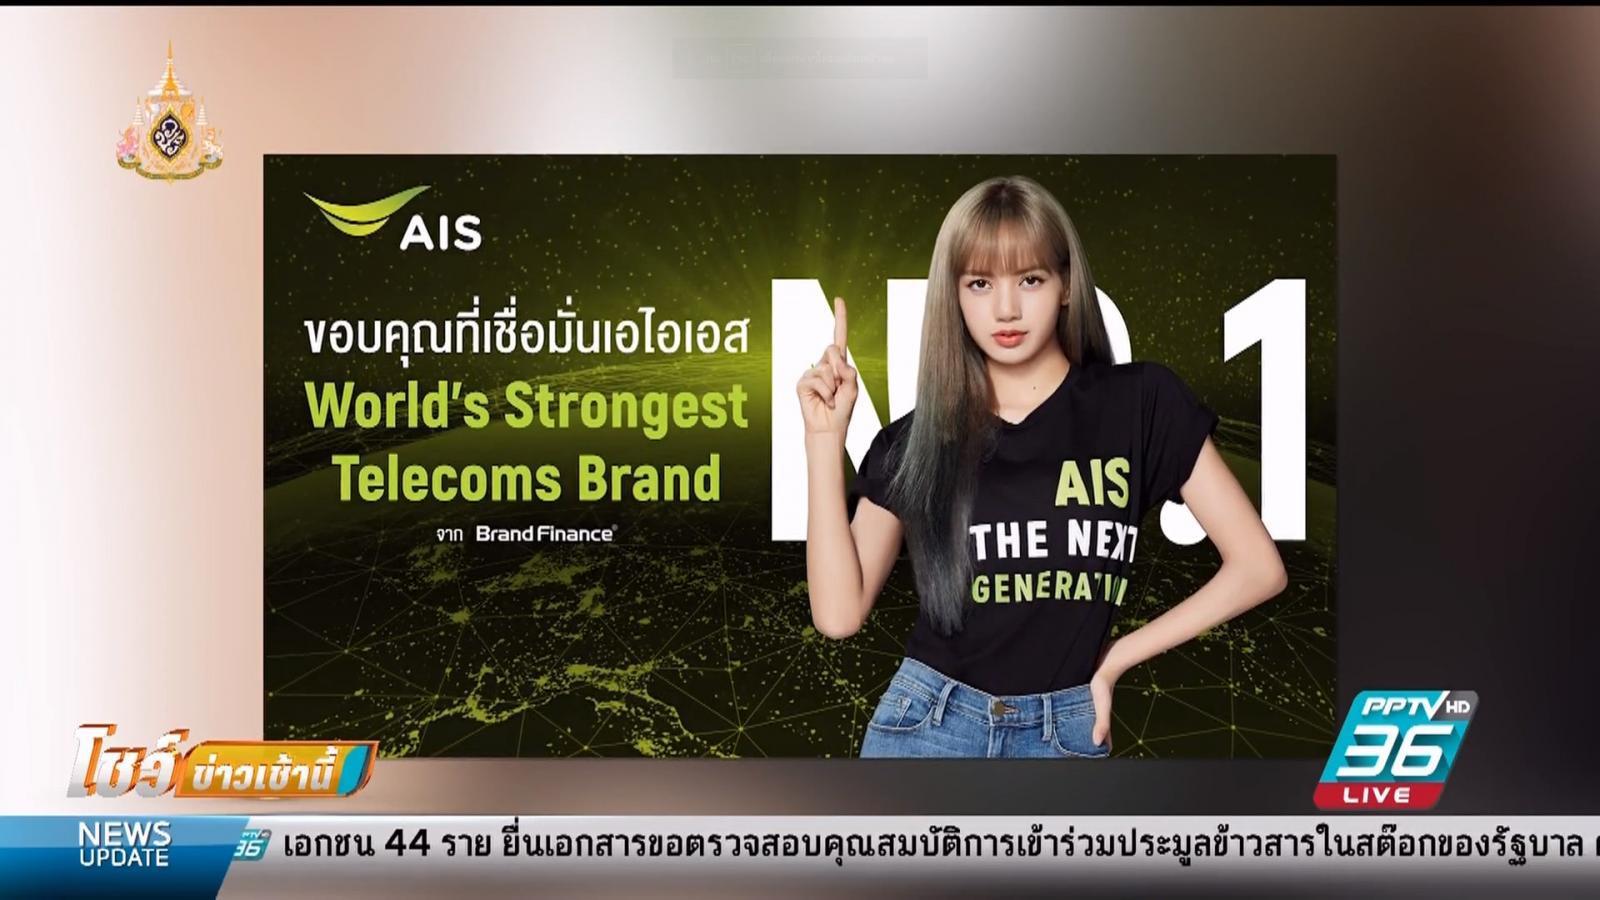 เอไอเอสแบรนด์โทรคมนาคมที่แข็งแกร่งที่สุดในโลก